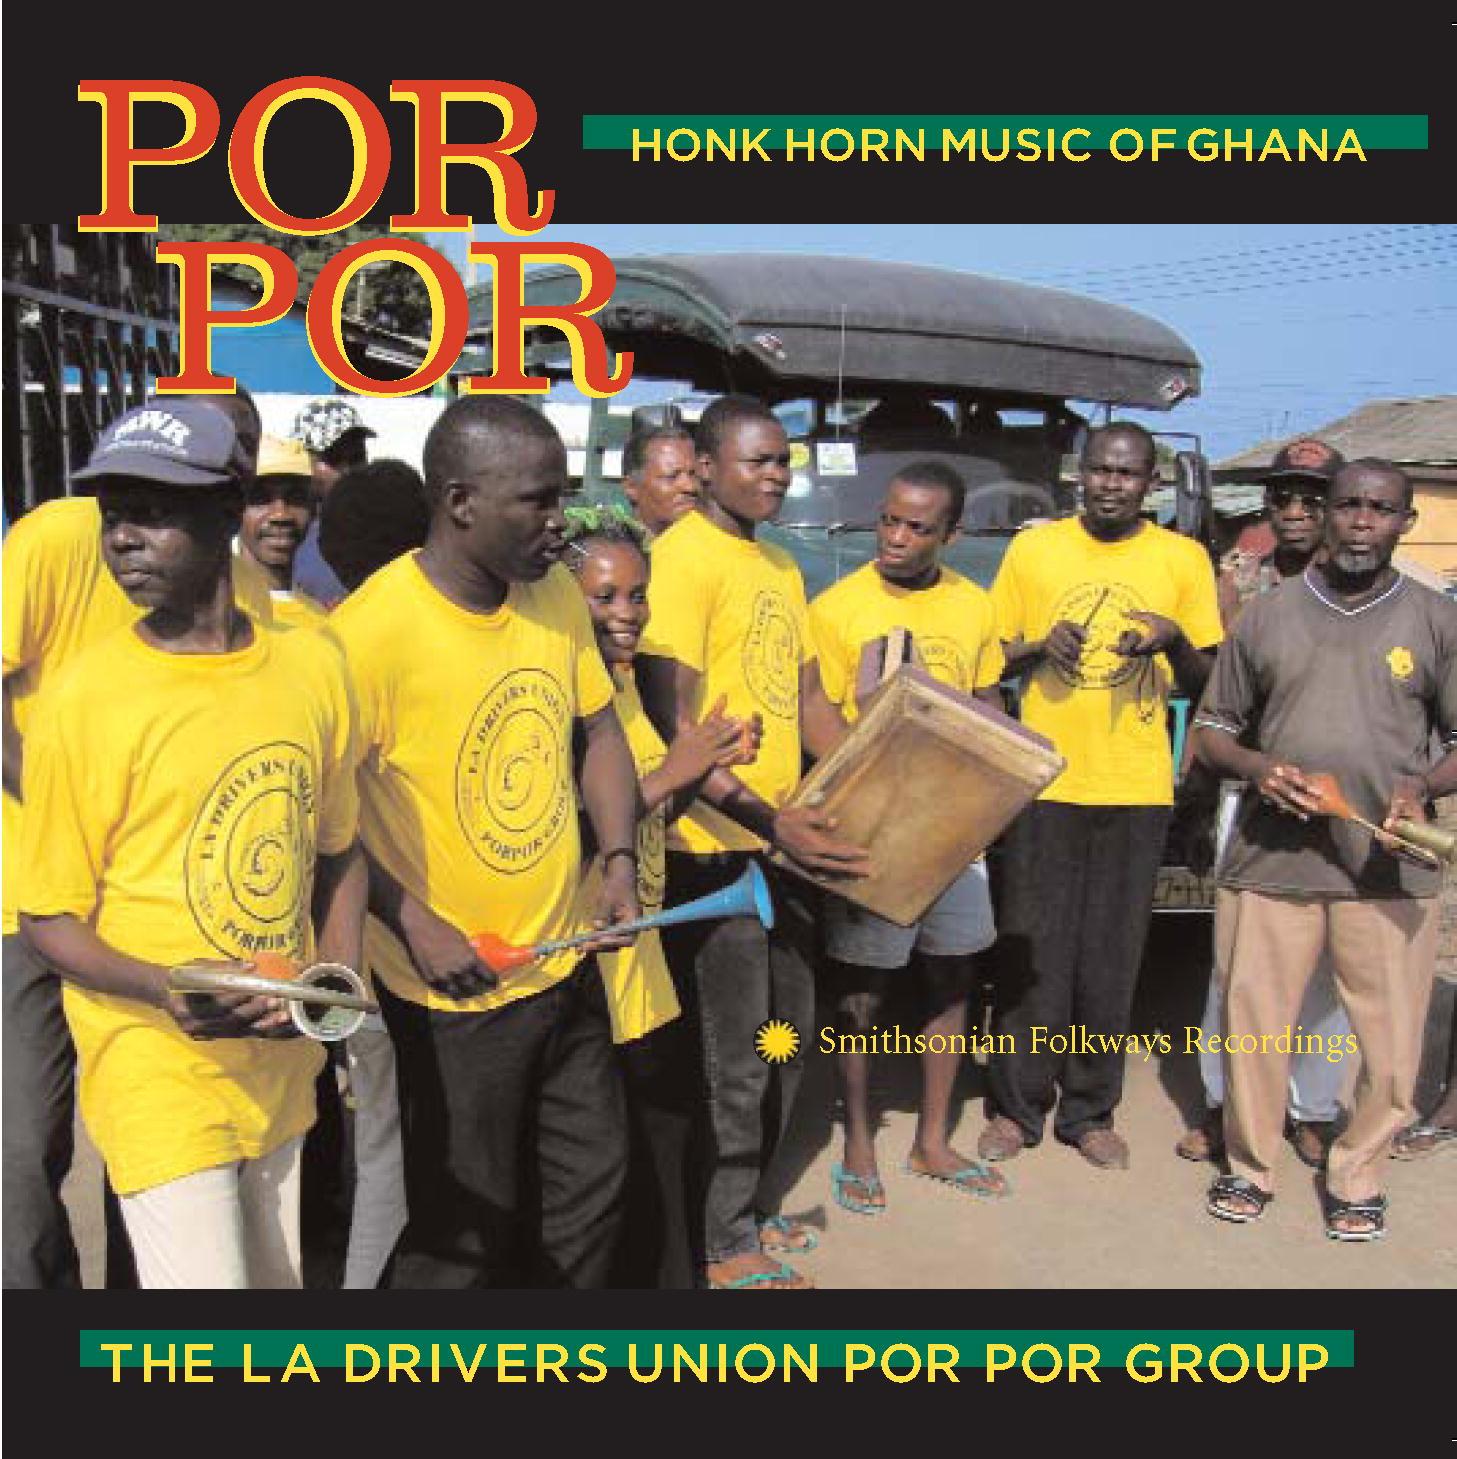 Por por Honk Horn Music of Ghana Album Art